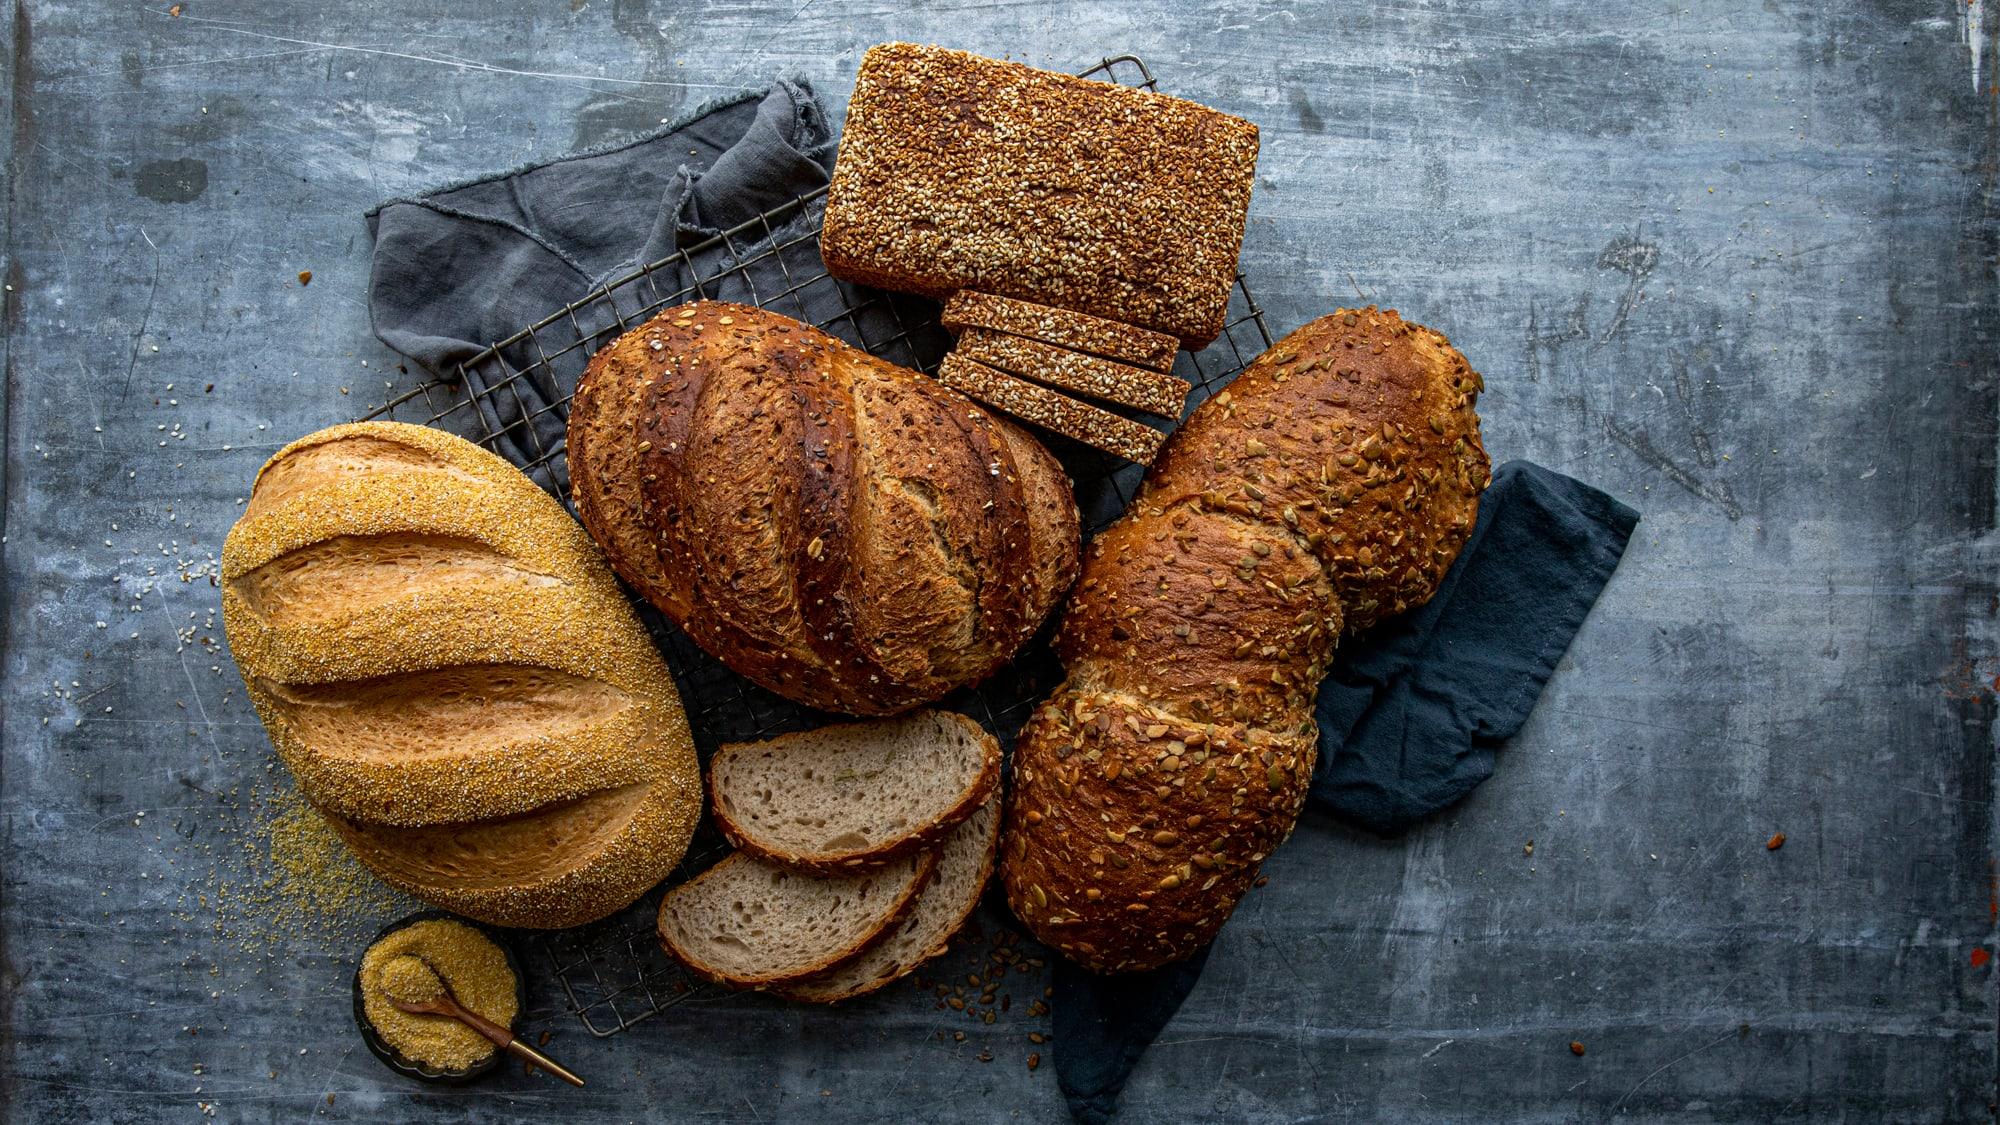 Bakerens-Utvalgte-Gruppebilde_1280x720.jpg